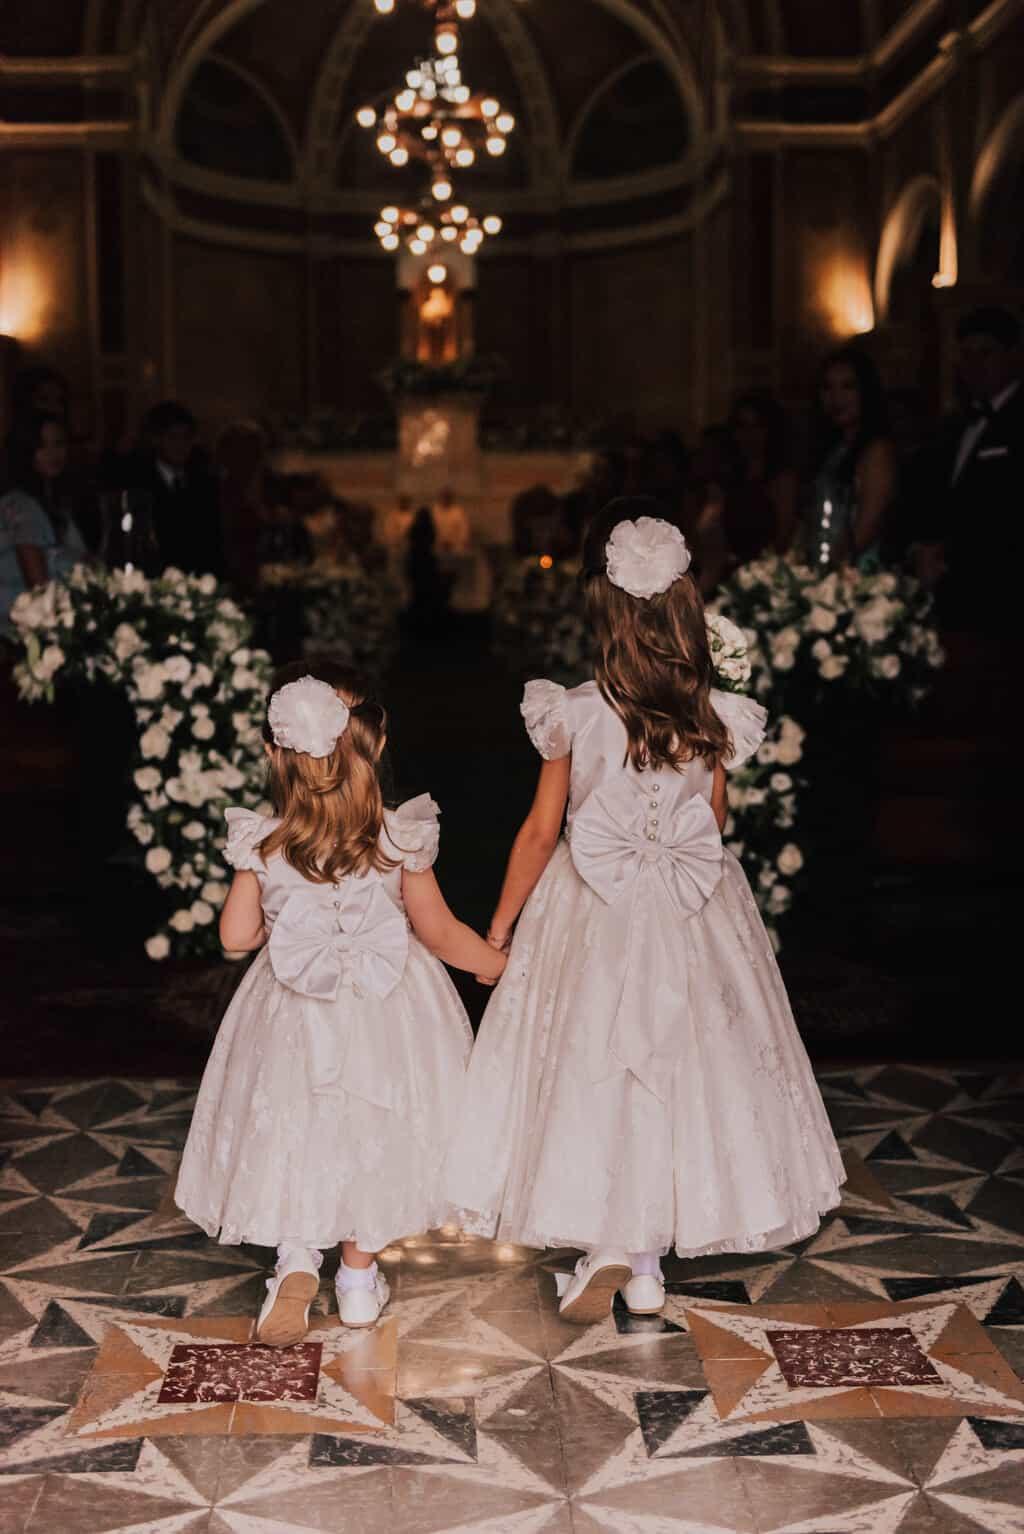 Braulio-Delai-casamento-Luciana-e-Eduardo-Cerimonial-Sandra-Colin-damas-Fotografia-Mana-Gollo-Igreja-Santa-Terezinha-e-Espaço-Klaine10